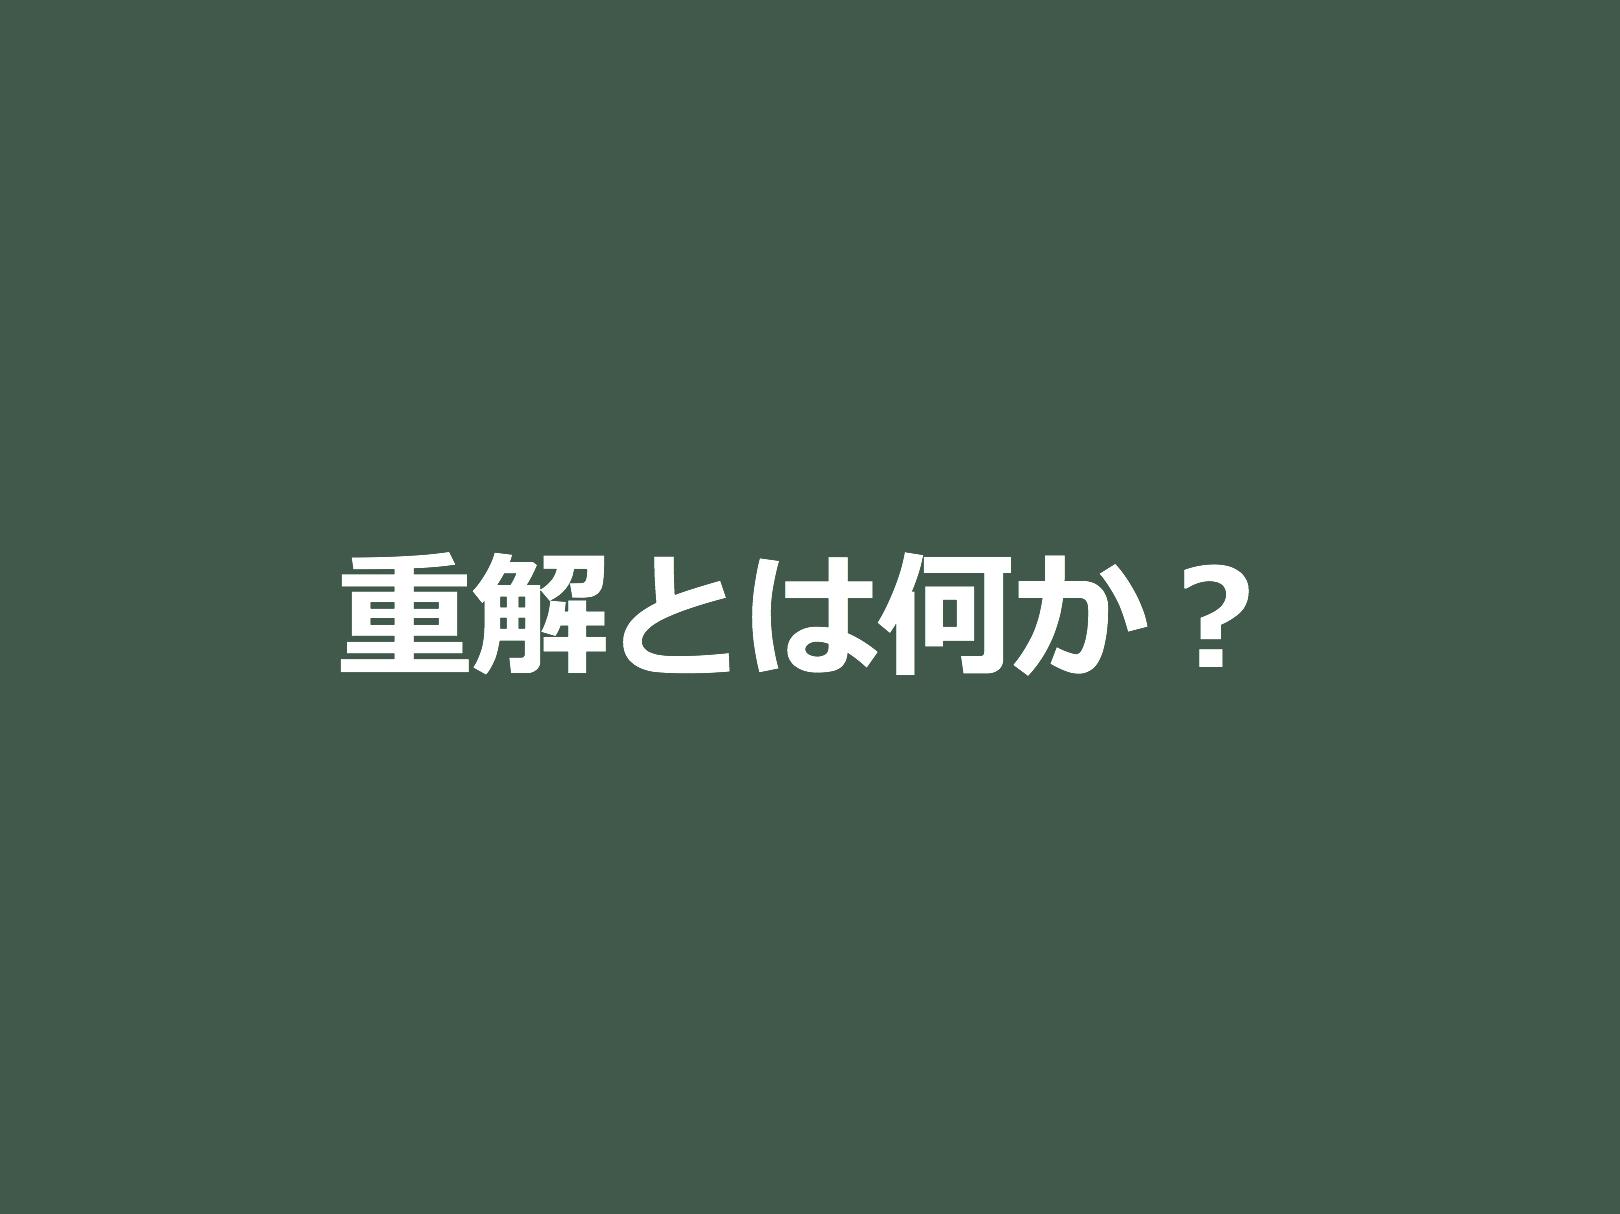 スクリーンショット 2017-06-17 15.54.50